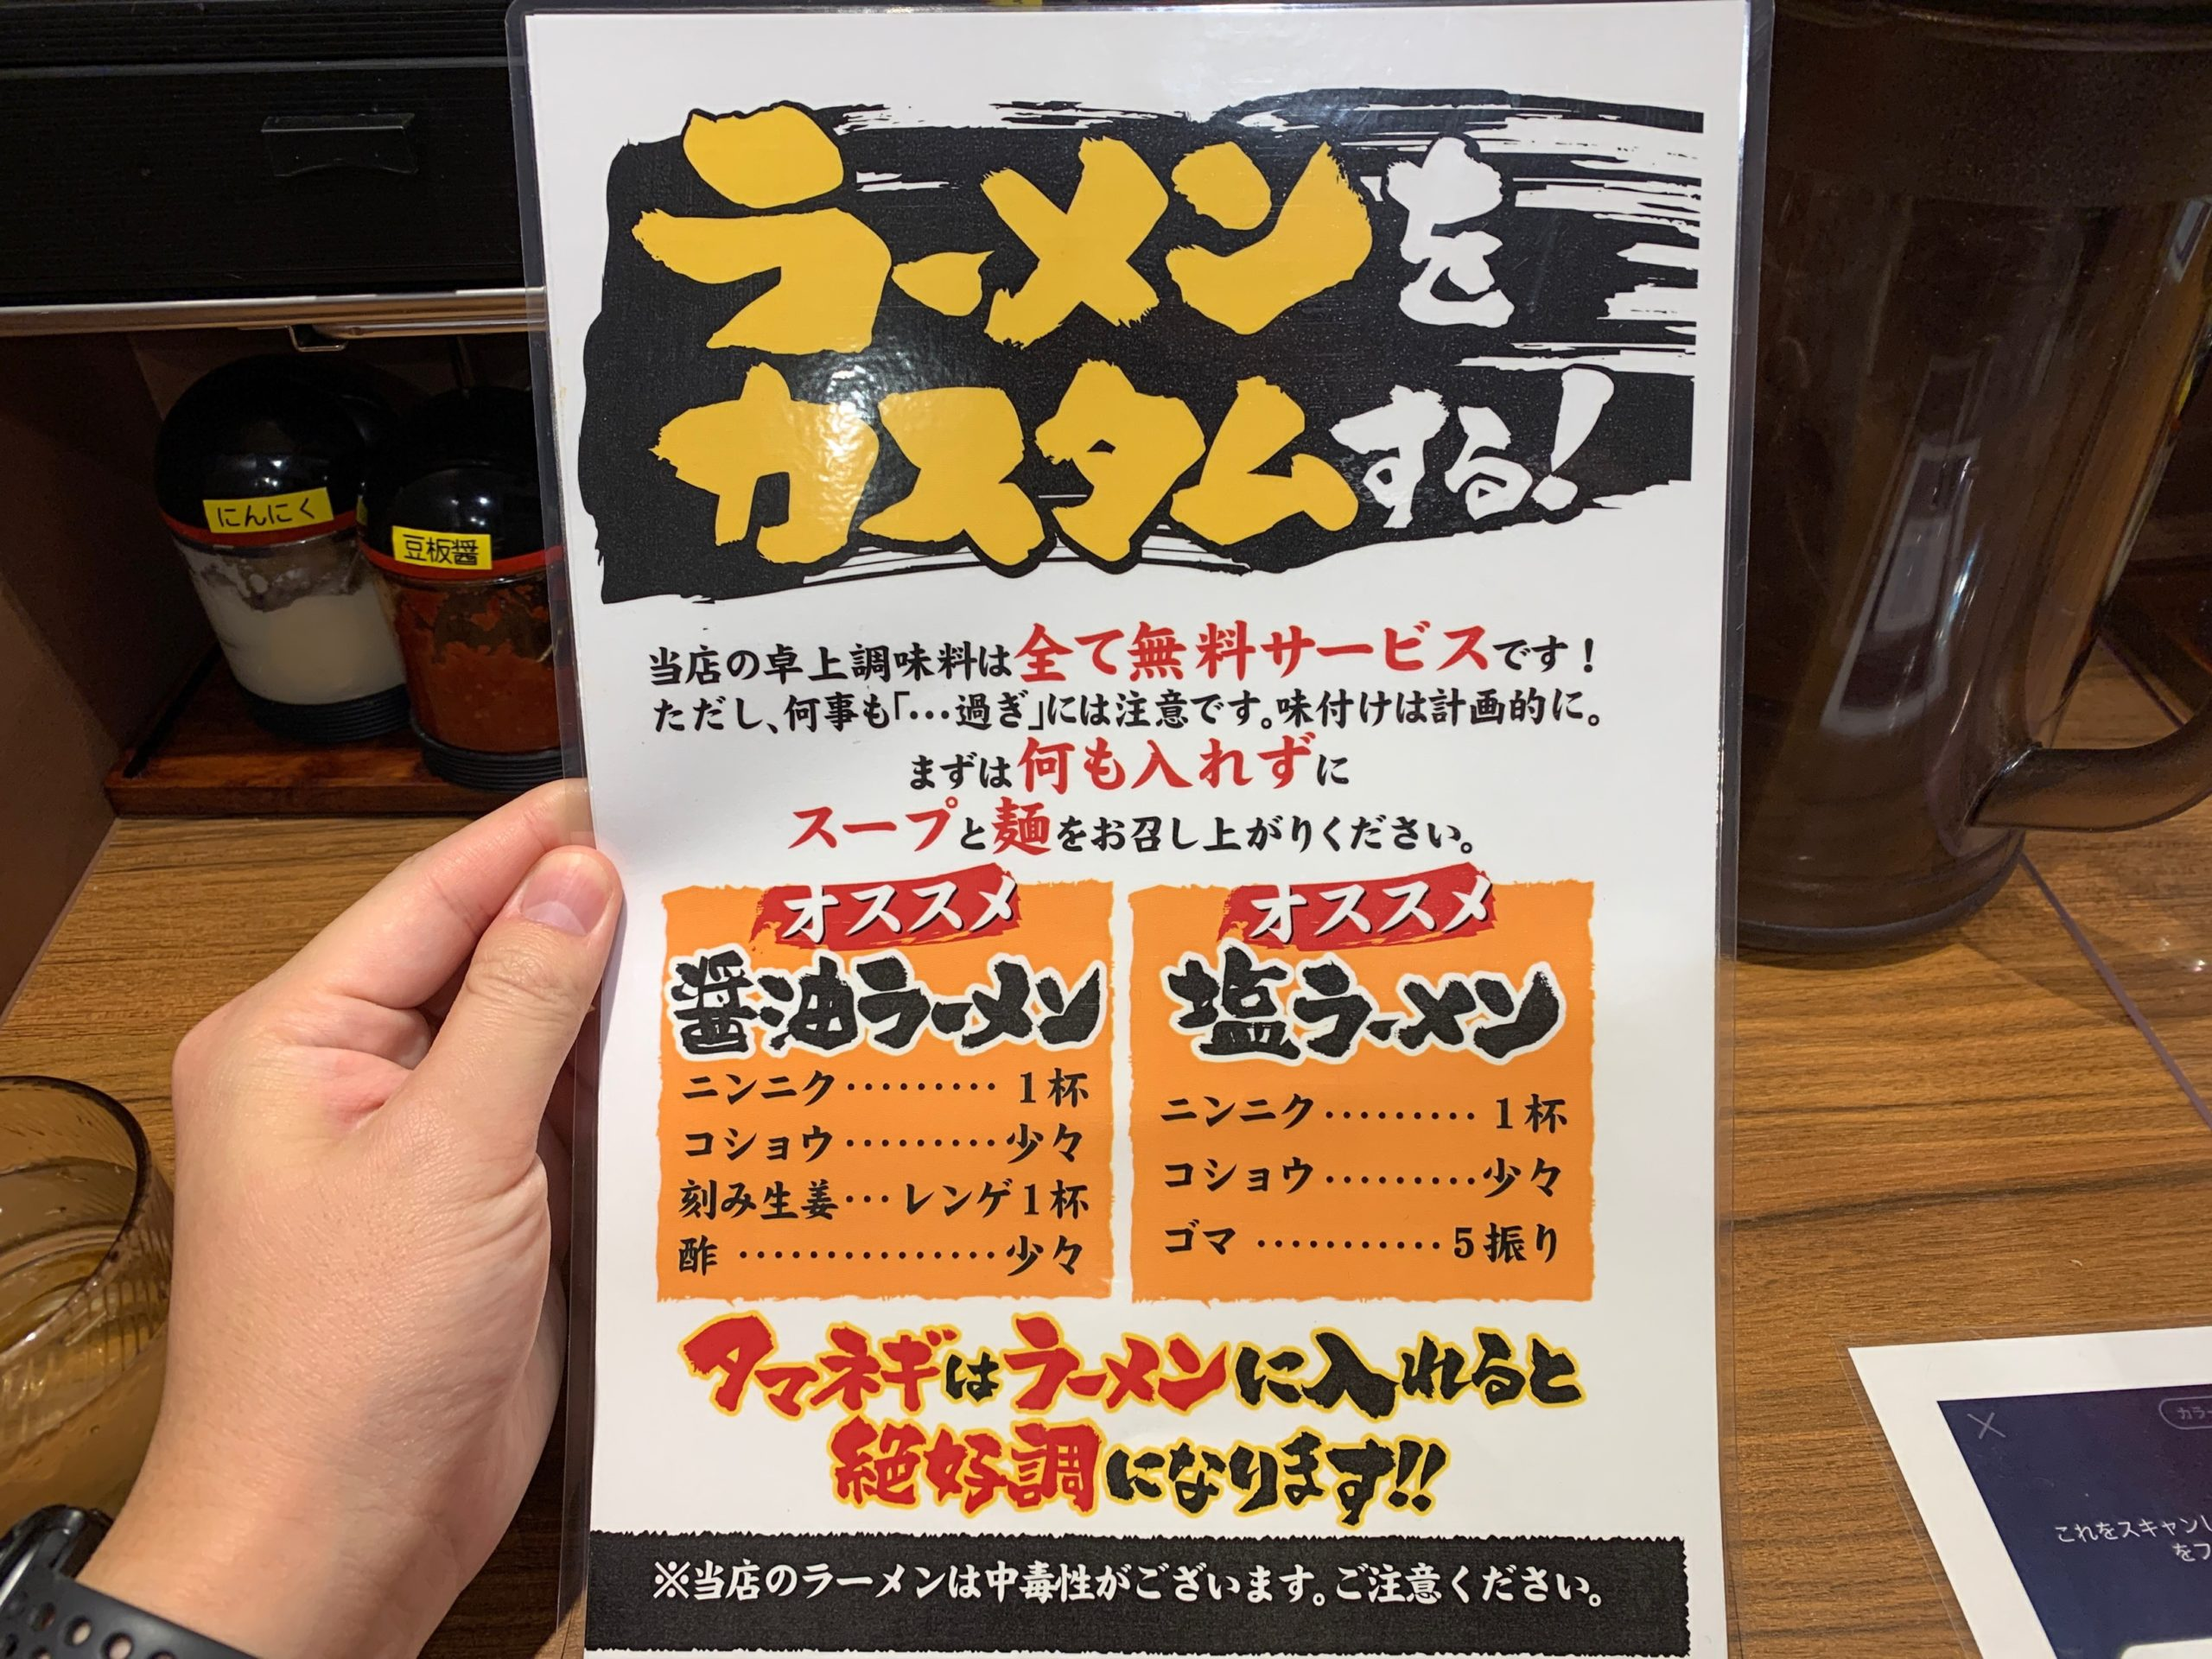 横浜家系ラーメン春吉家のラーメンのカスタム紹介